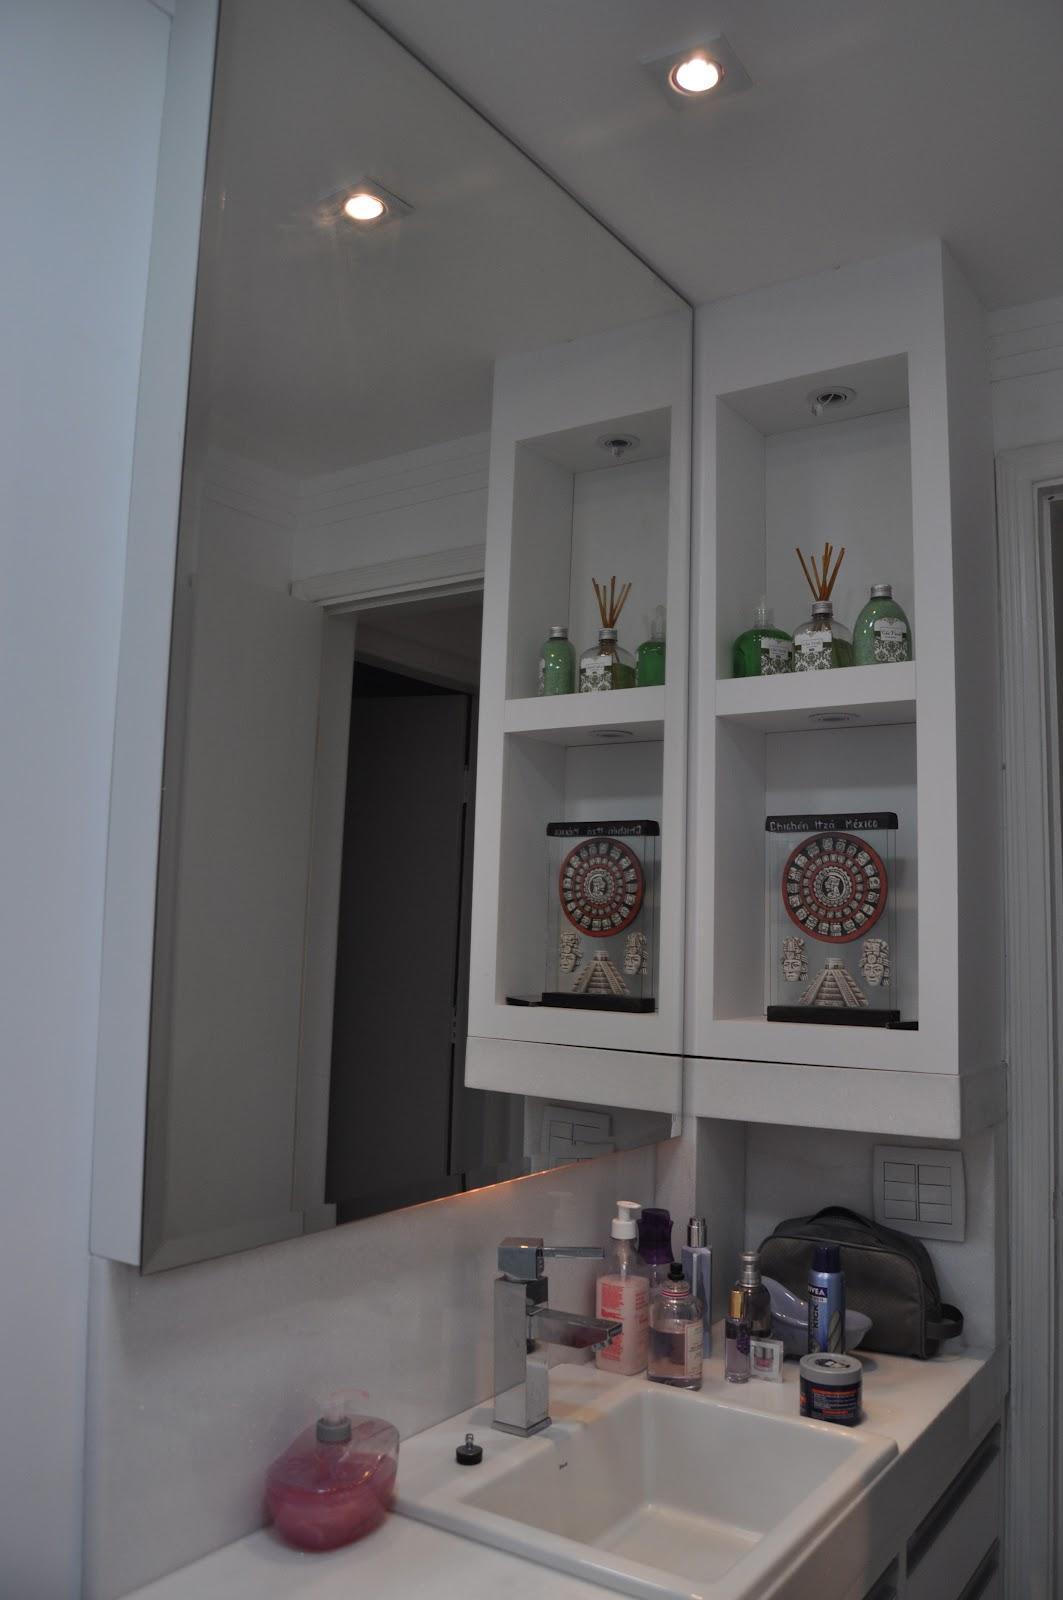 Quarto   Closed   Banheiro Apartamento Dois Dormitorios em Bauru/SP #795F52 1063 1600